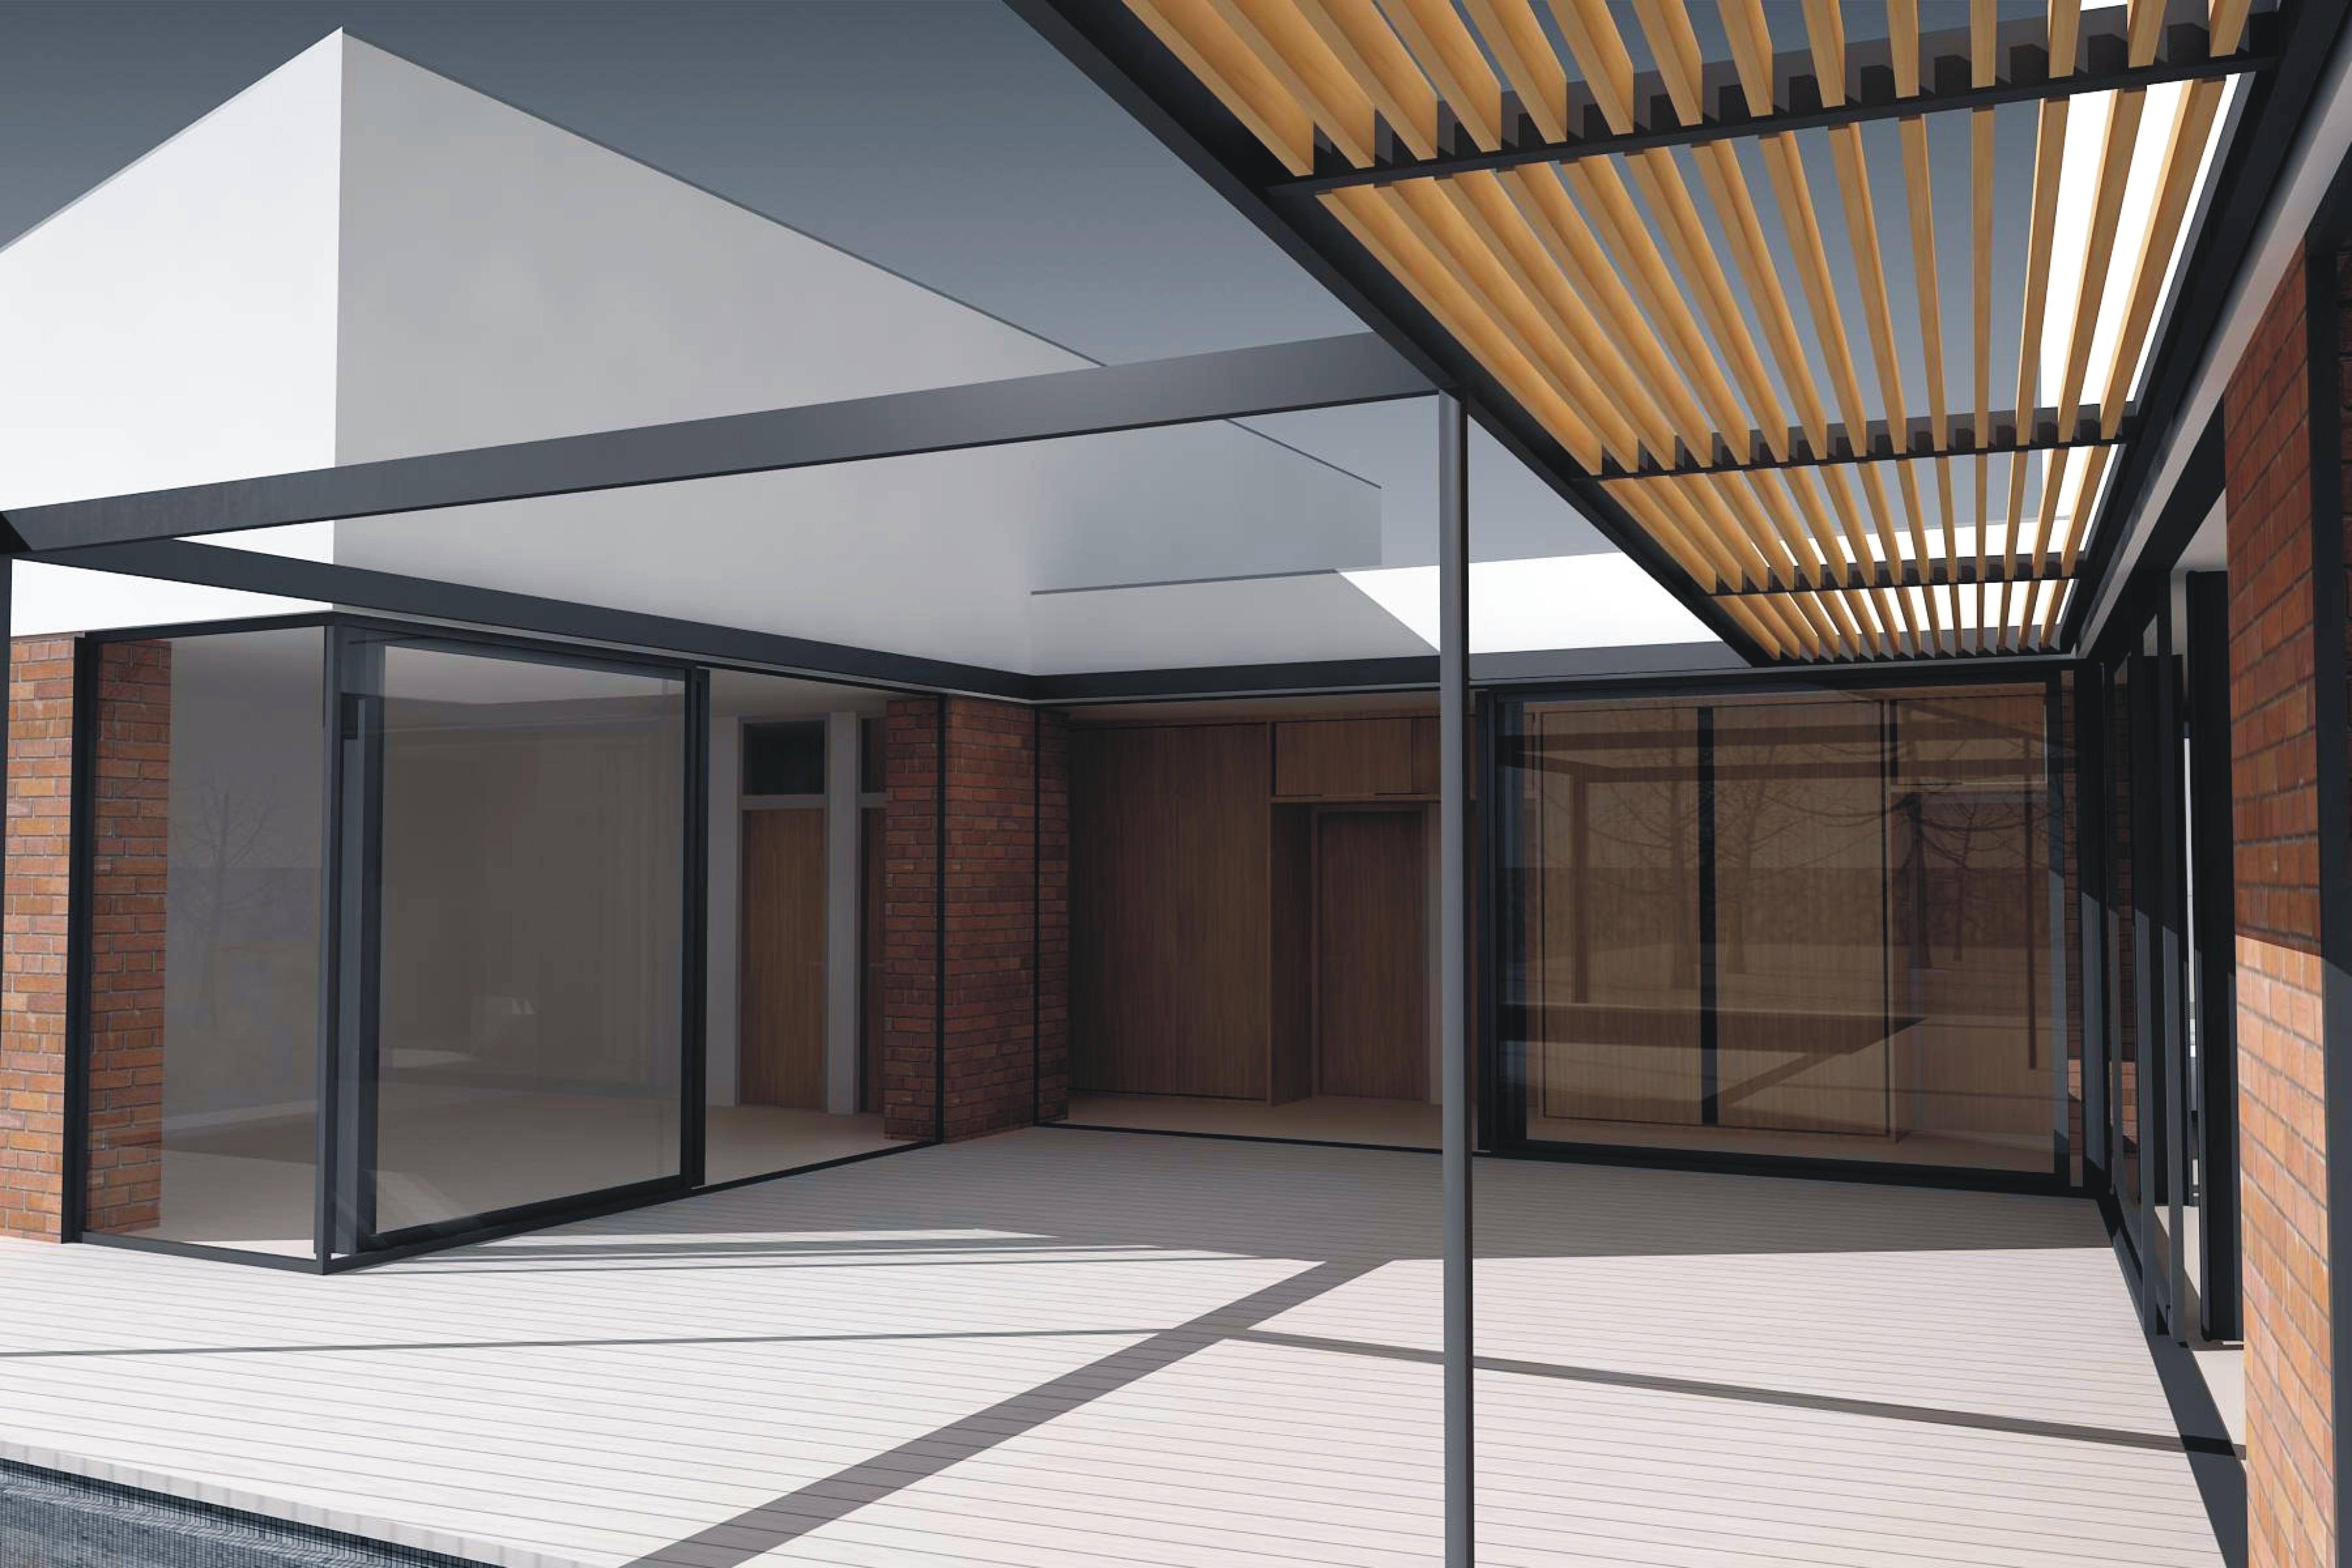 Projekt stavby rodinného domu IX 05